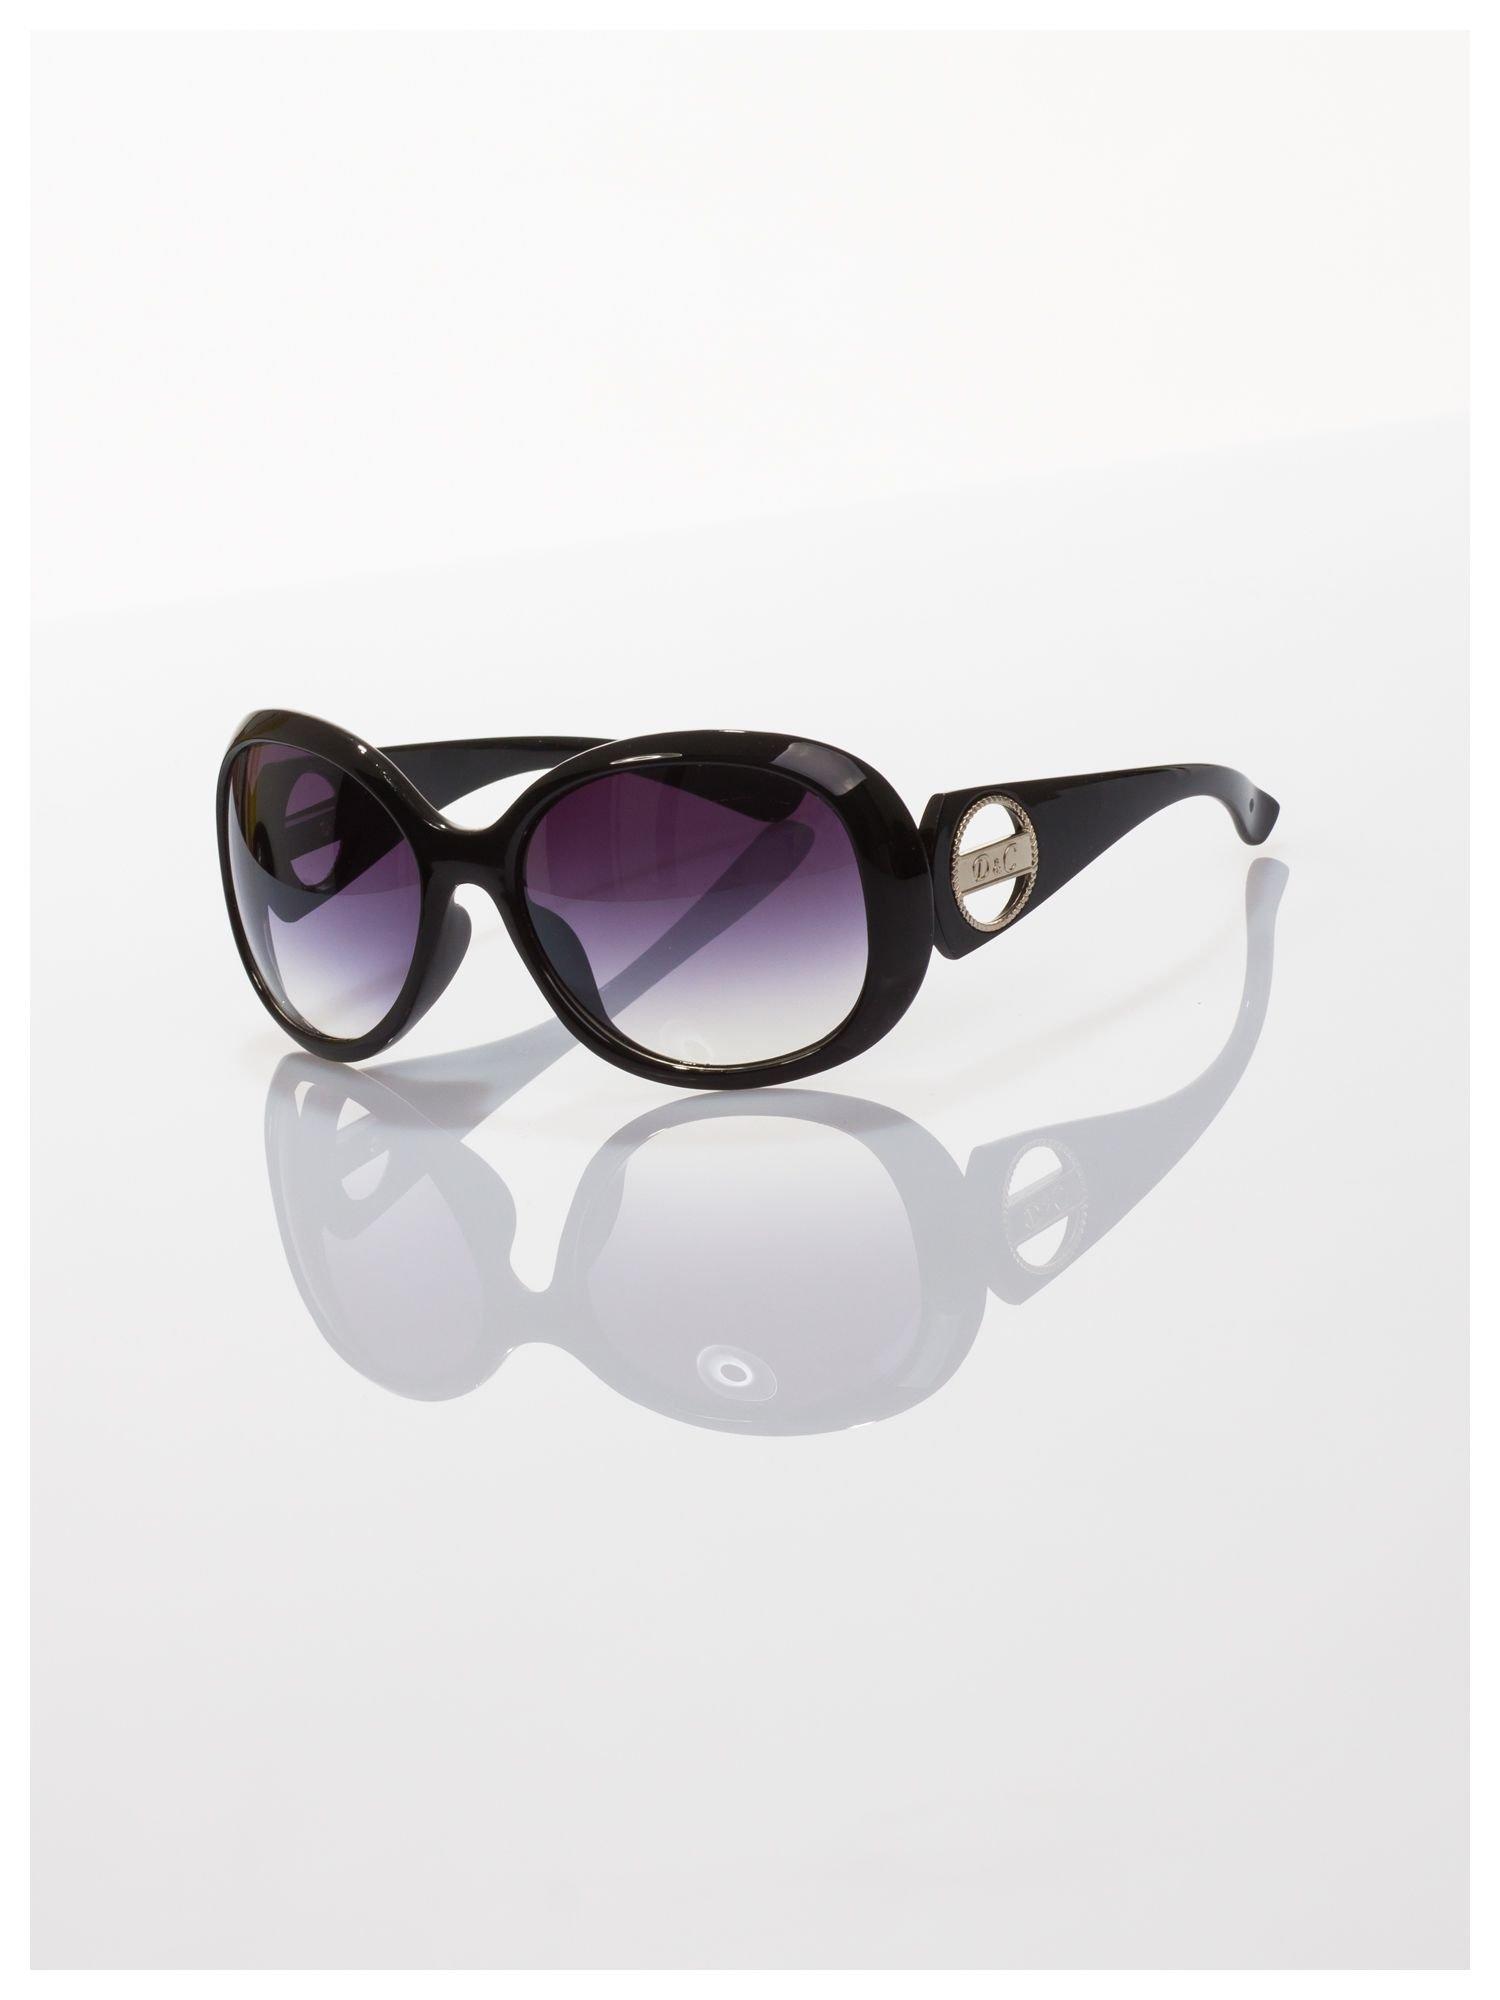 Czarne klasyczne duże okulary blogerek MUCHY                                  zdj.                                  2